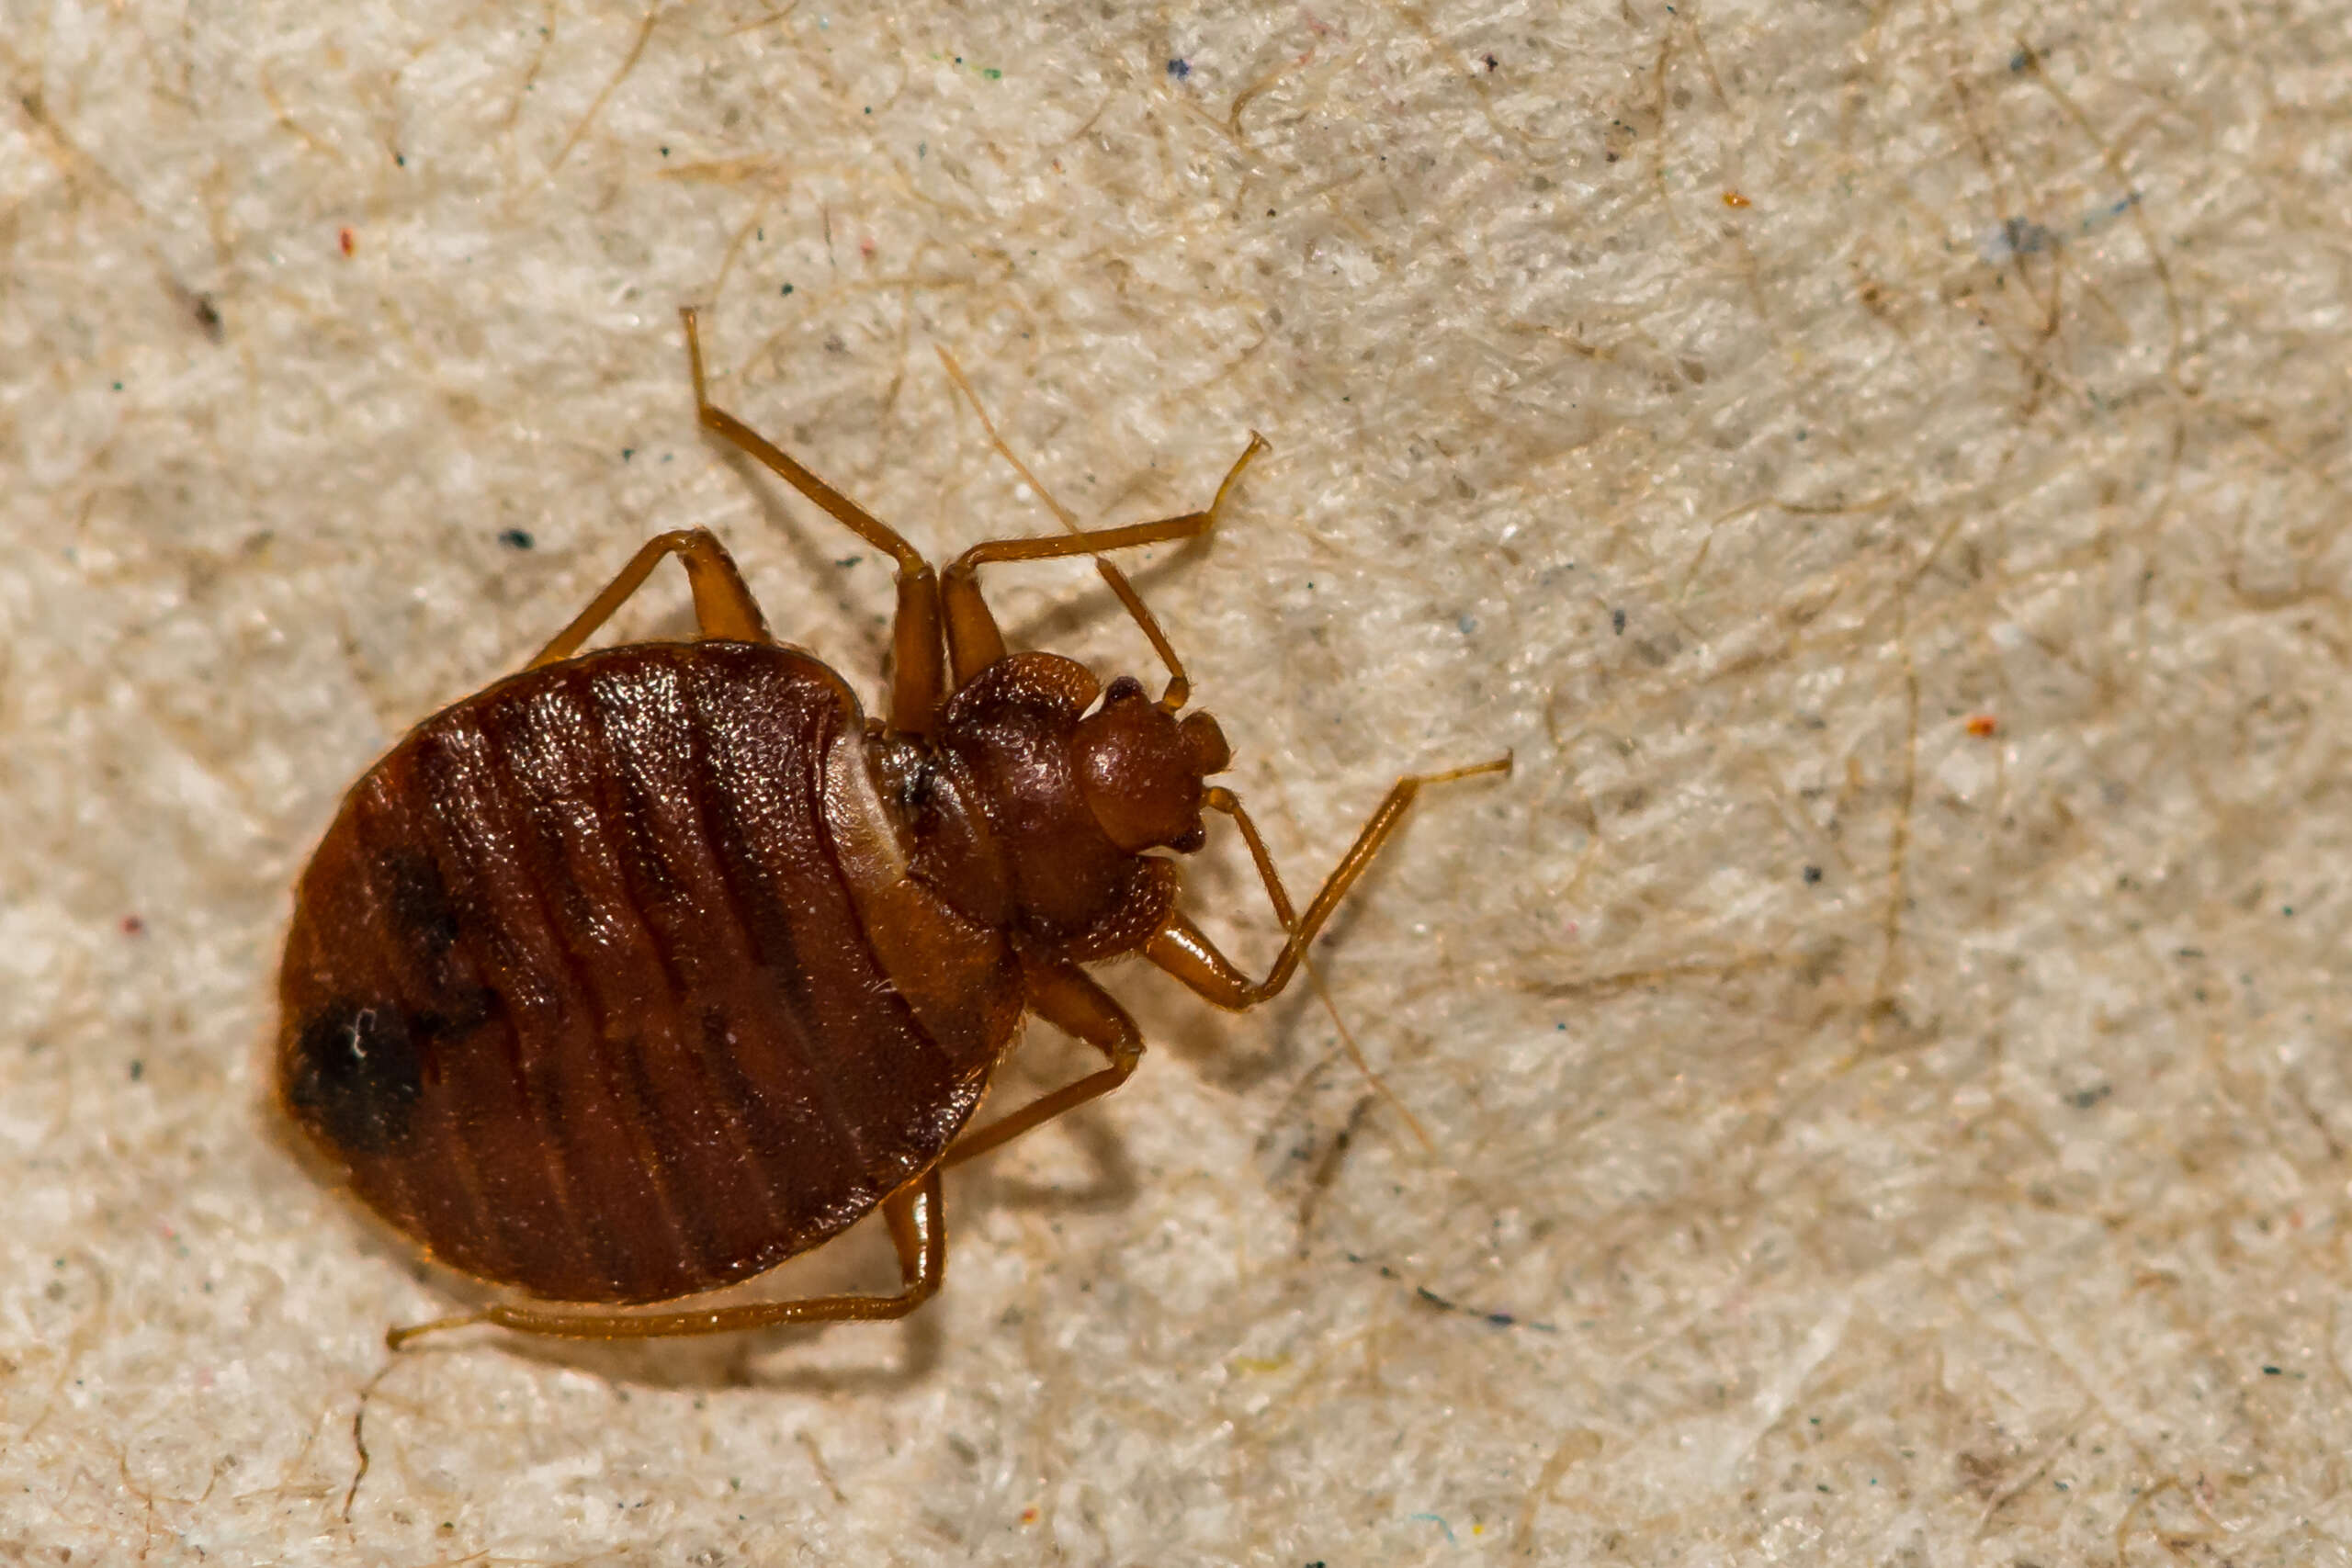 Let Rid-All Pest Control solve your bedbug problem